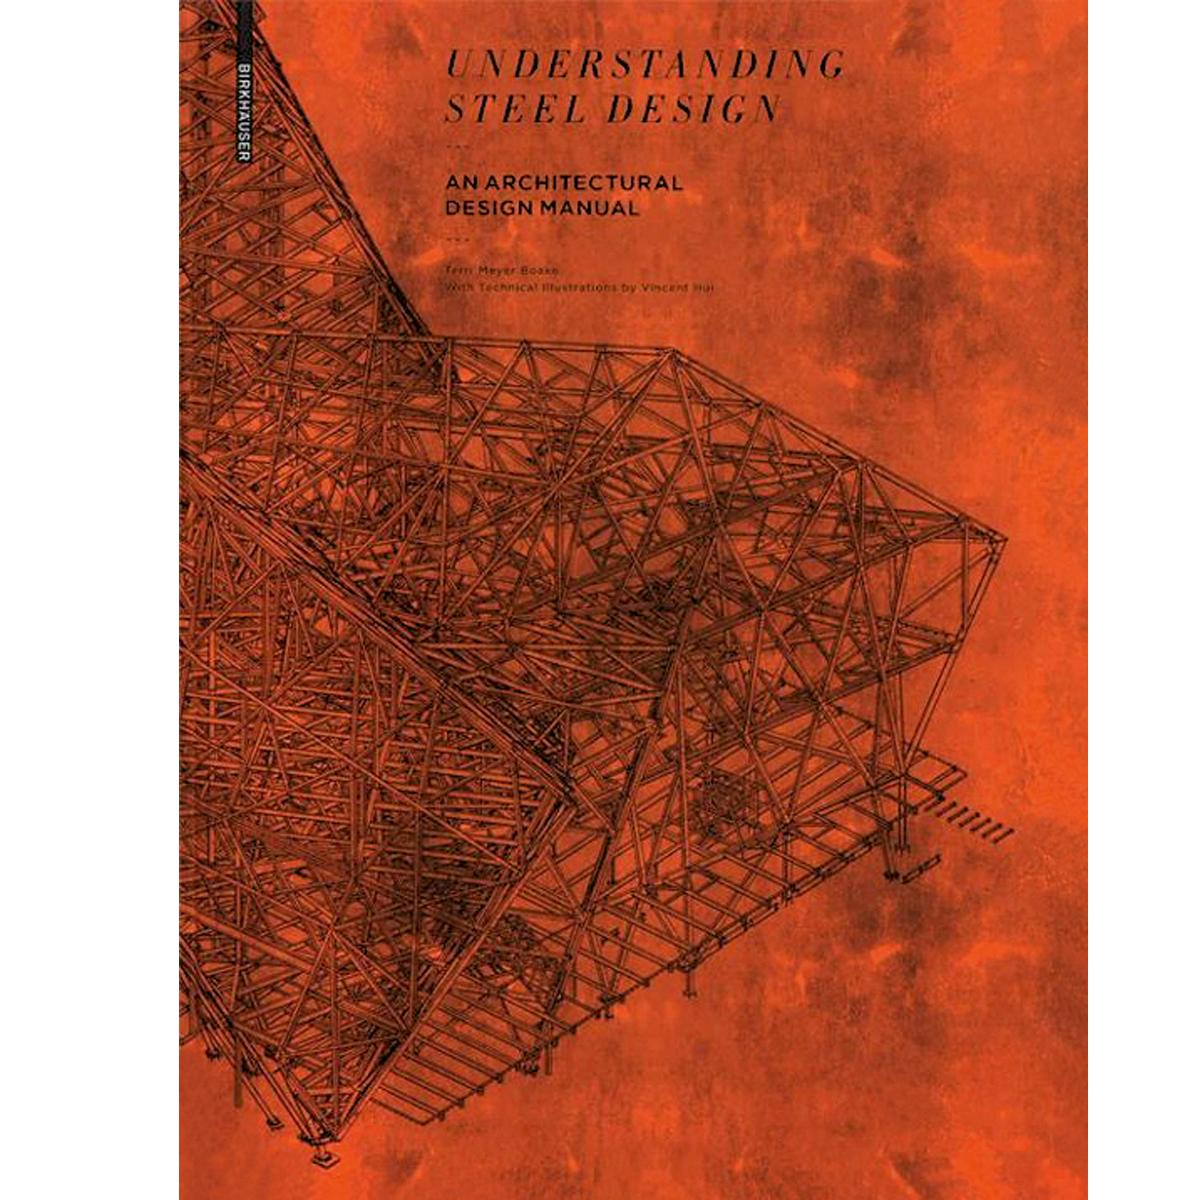 Understanding Steel Design